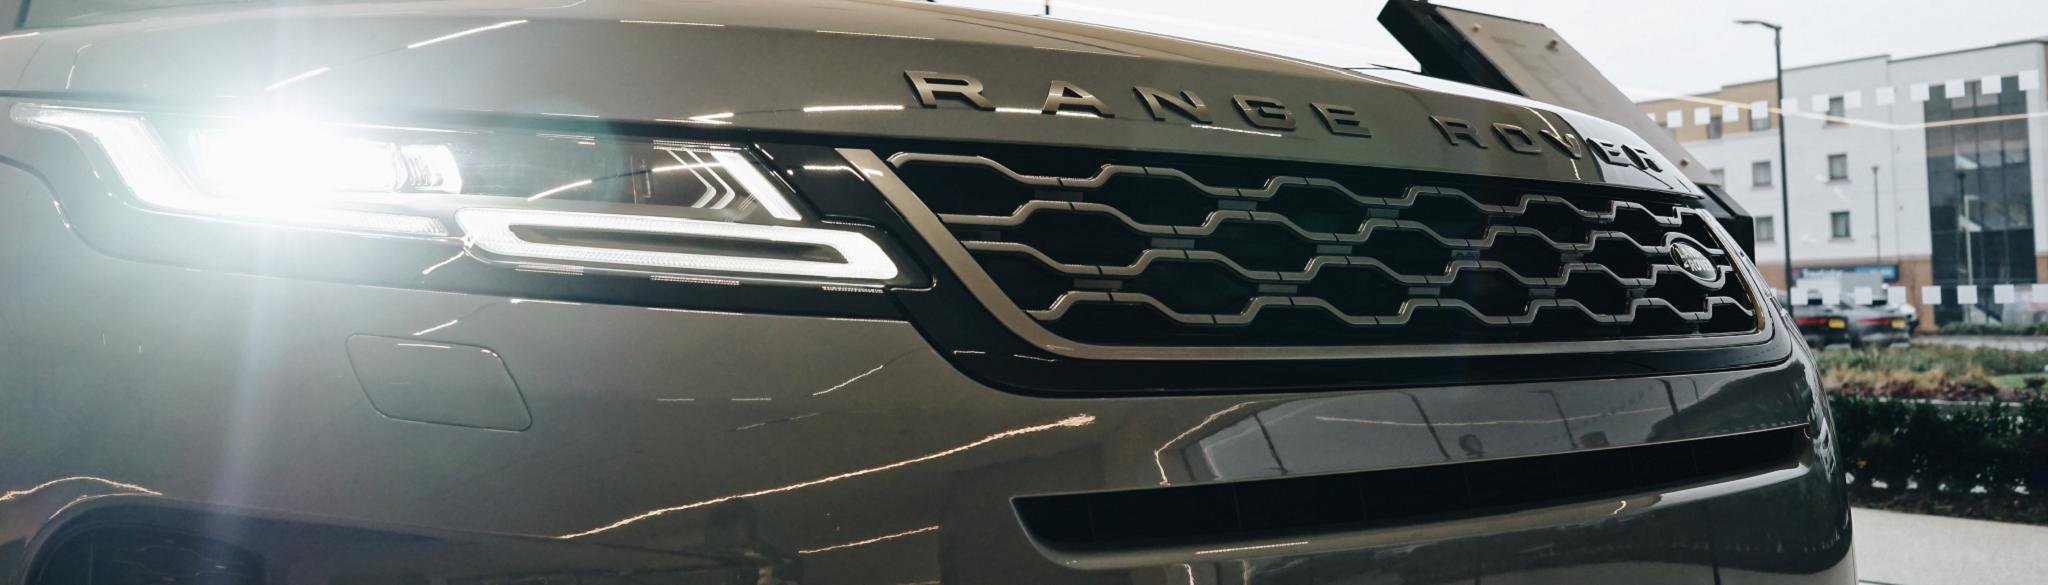 Range Rover Evoque Front Header